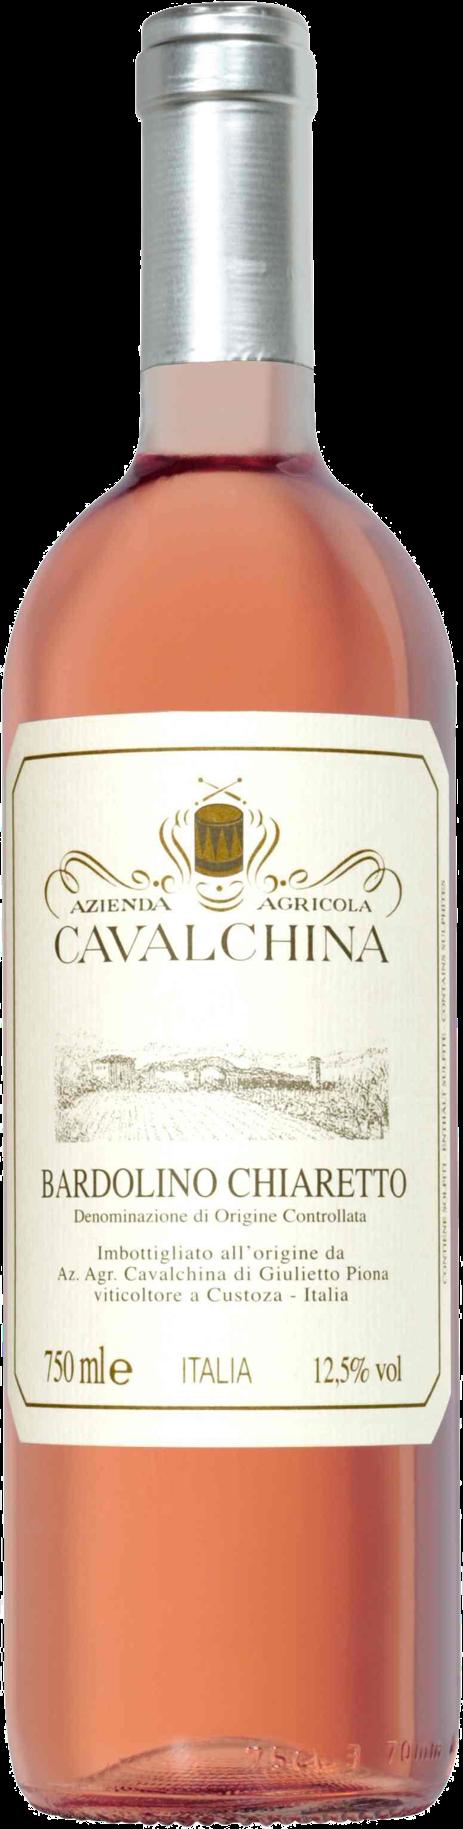 Cavalchina Bardolino Chiaretto, 2019, Veneto, Italië, Roséwijn